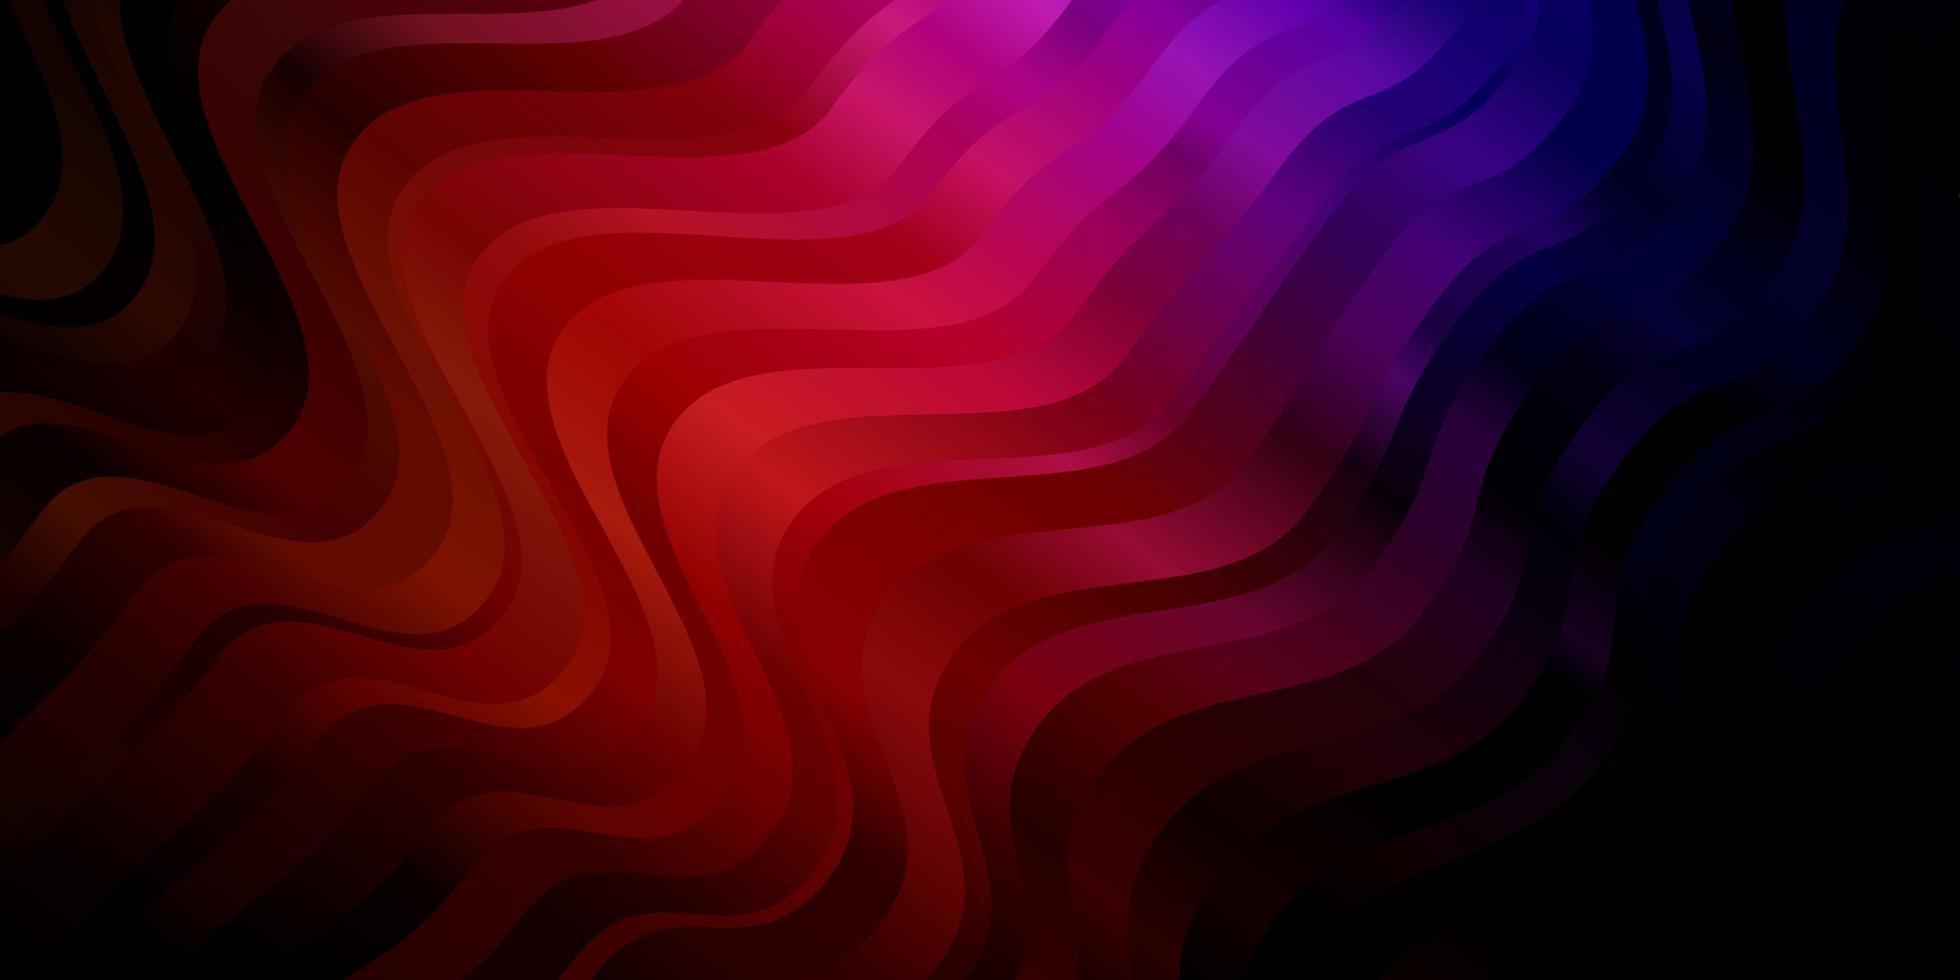 trama vettoriale rosa scuro, rosso con arco circolare.